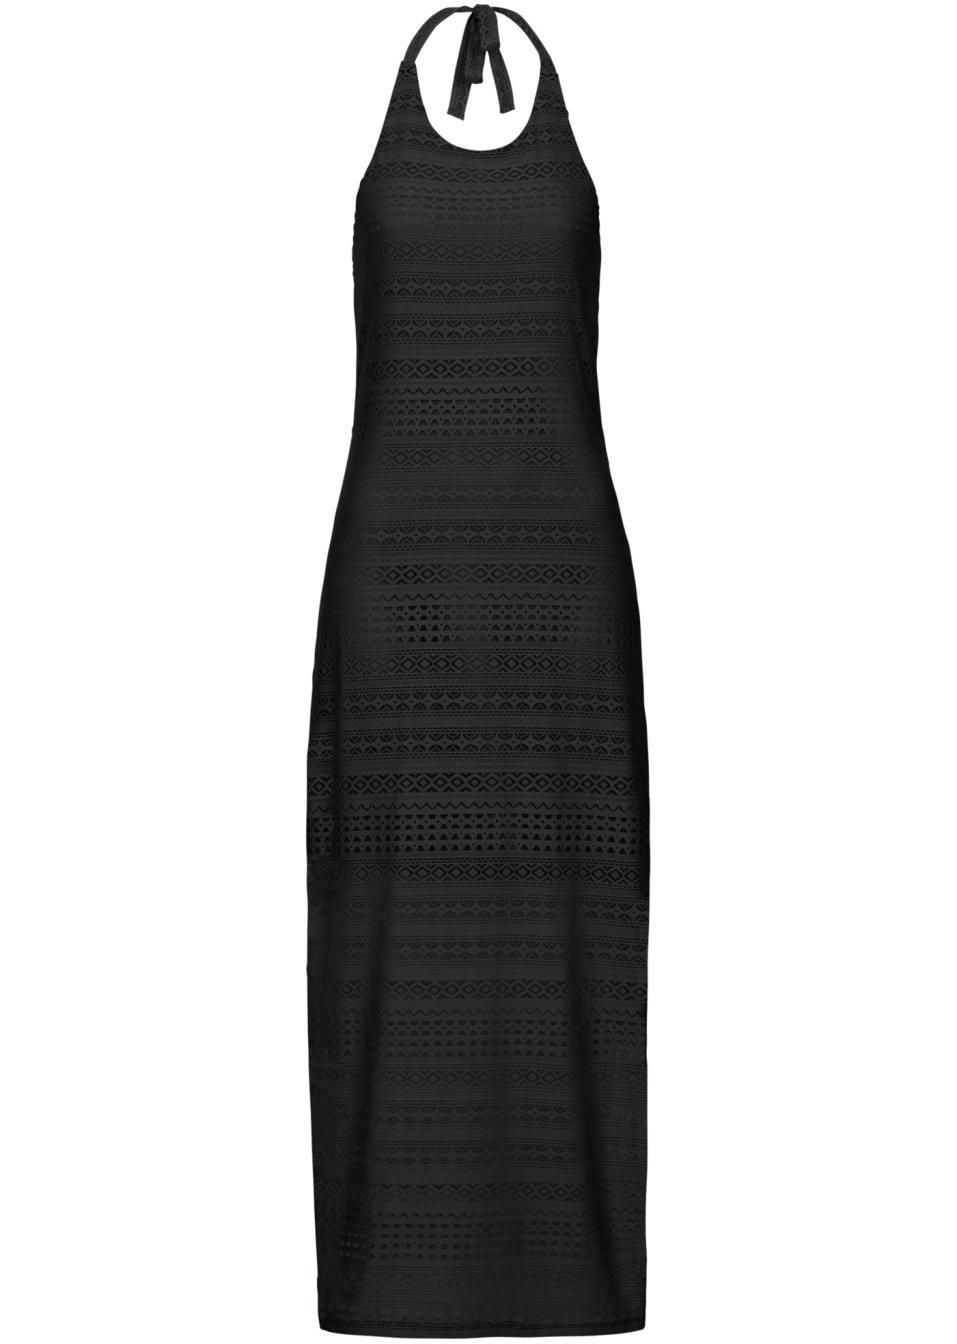 aufregendes maxi kleid mit transparentem rock schwarz. Black Bedroom Furniture Sets. Home Design Ideas